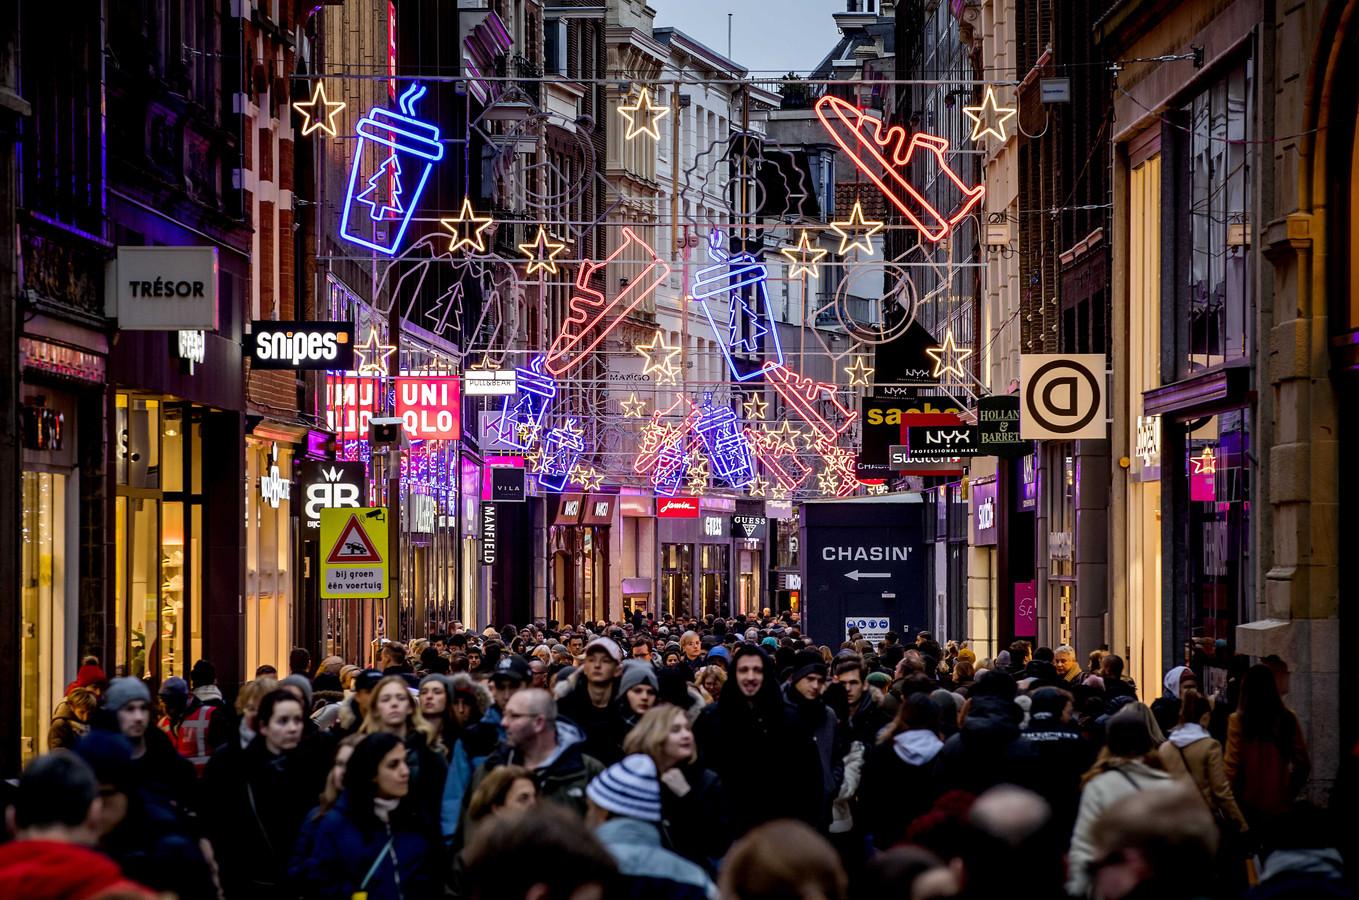 Winkelend publiek in de Kalverstraat in Amsterdam.